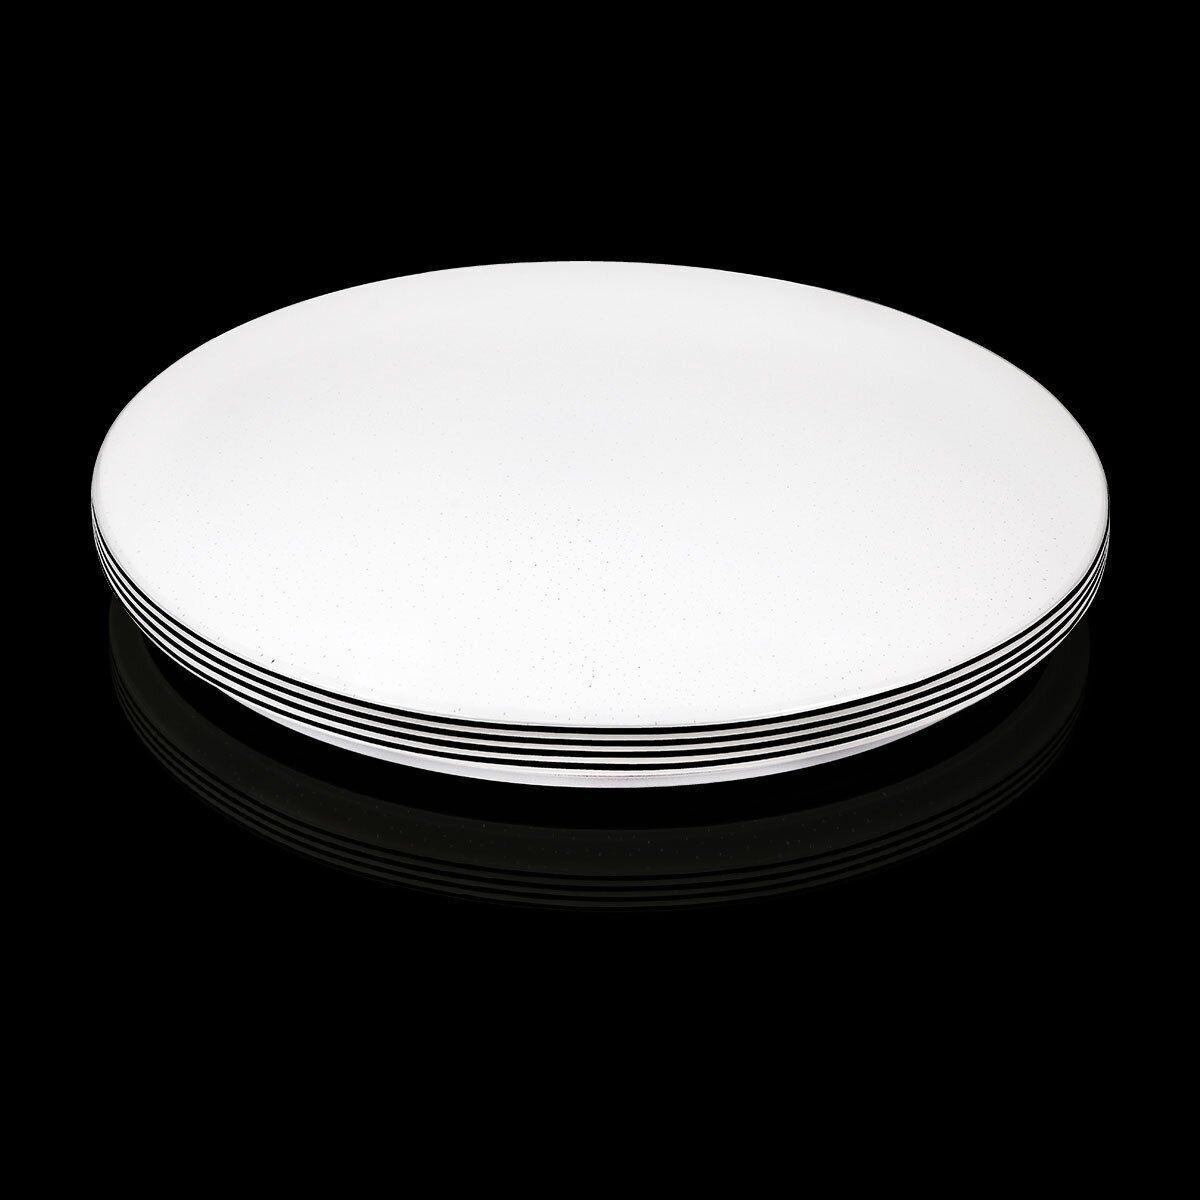 Светильник светодиодный Biom DEL-R04-42 4500K 42Вт без д/у